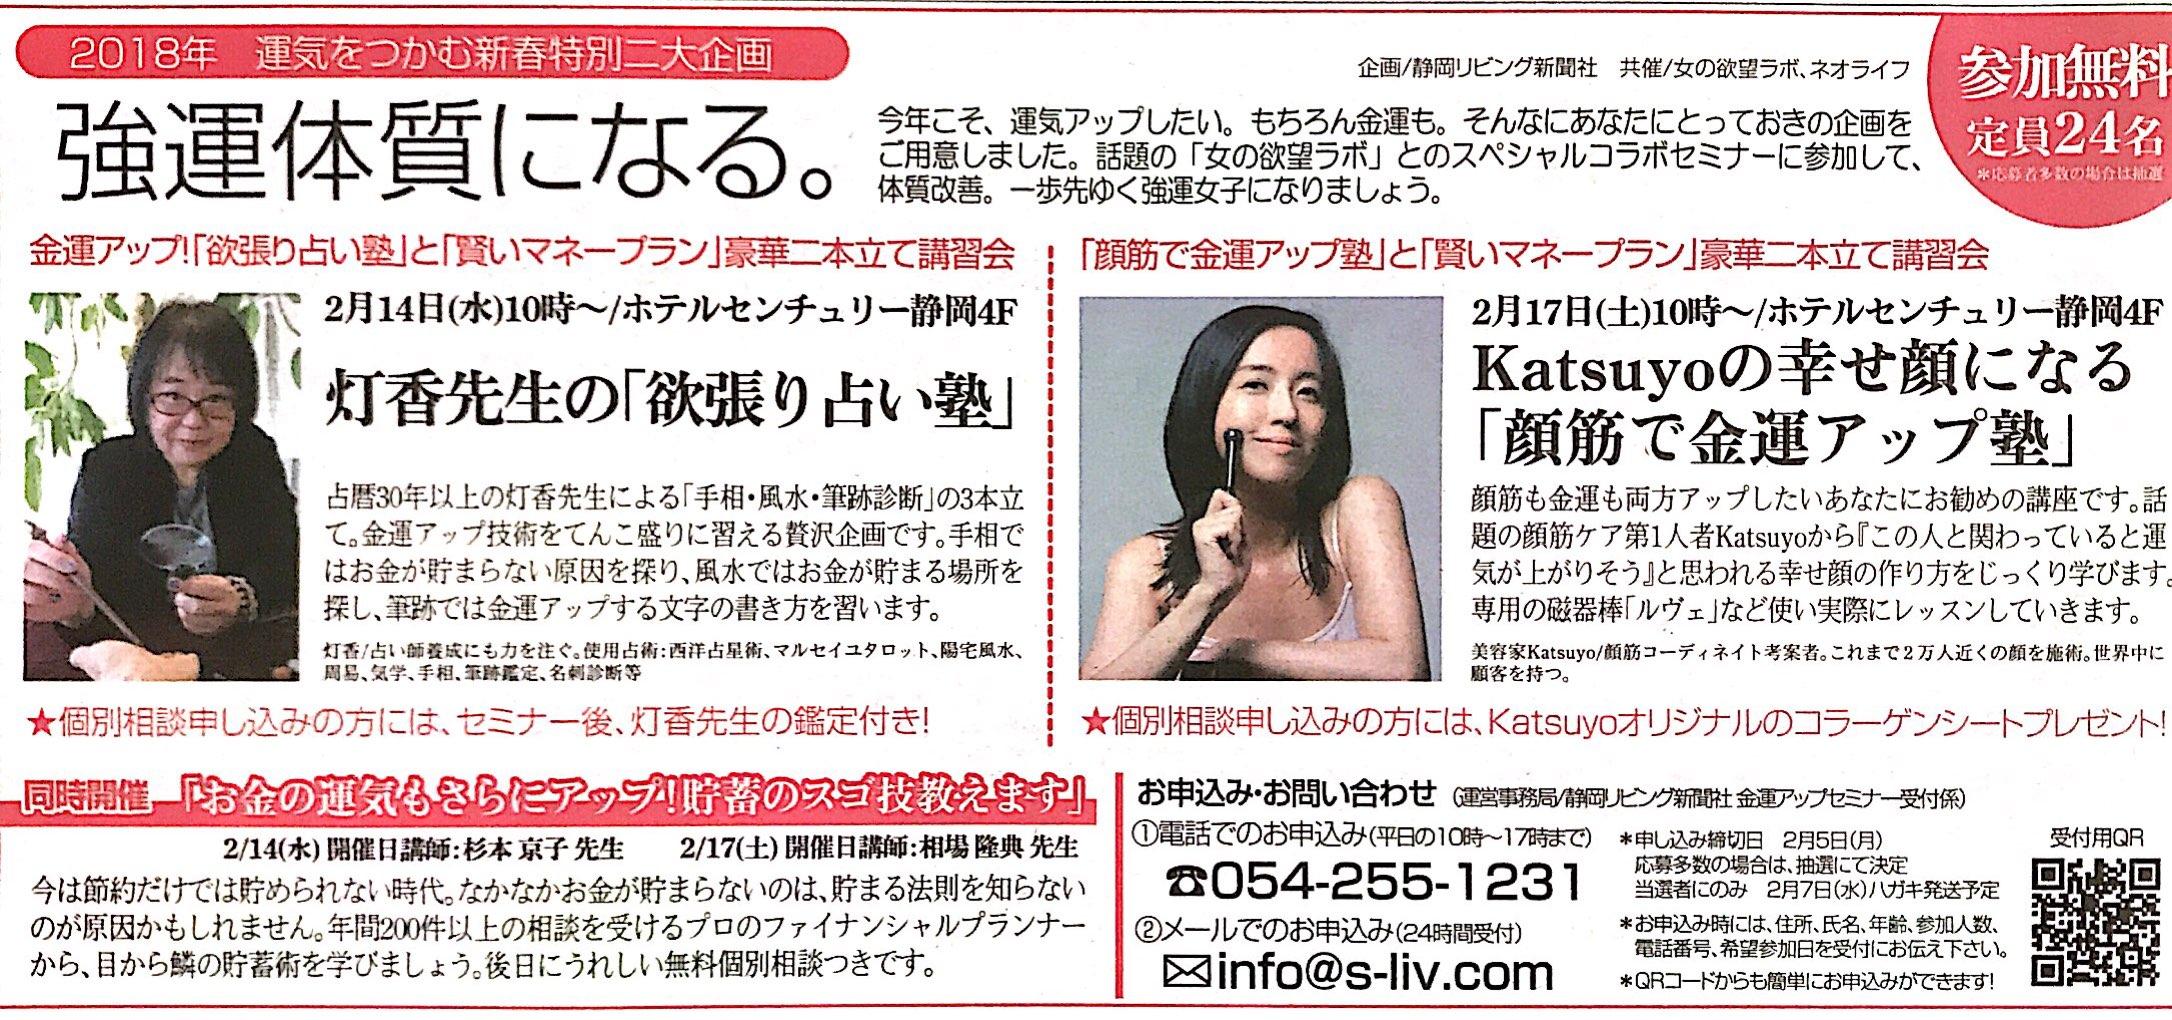 開運セミナー広告.jpg